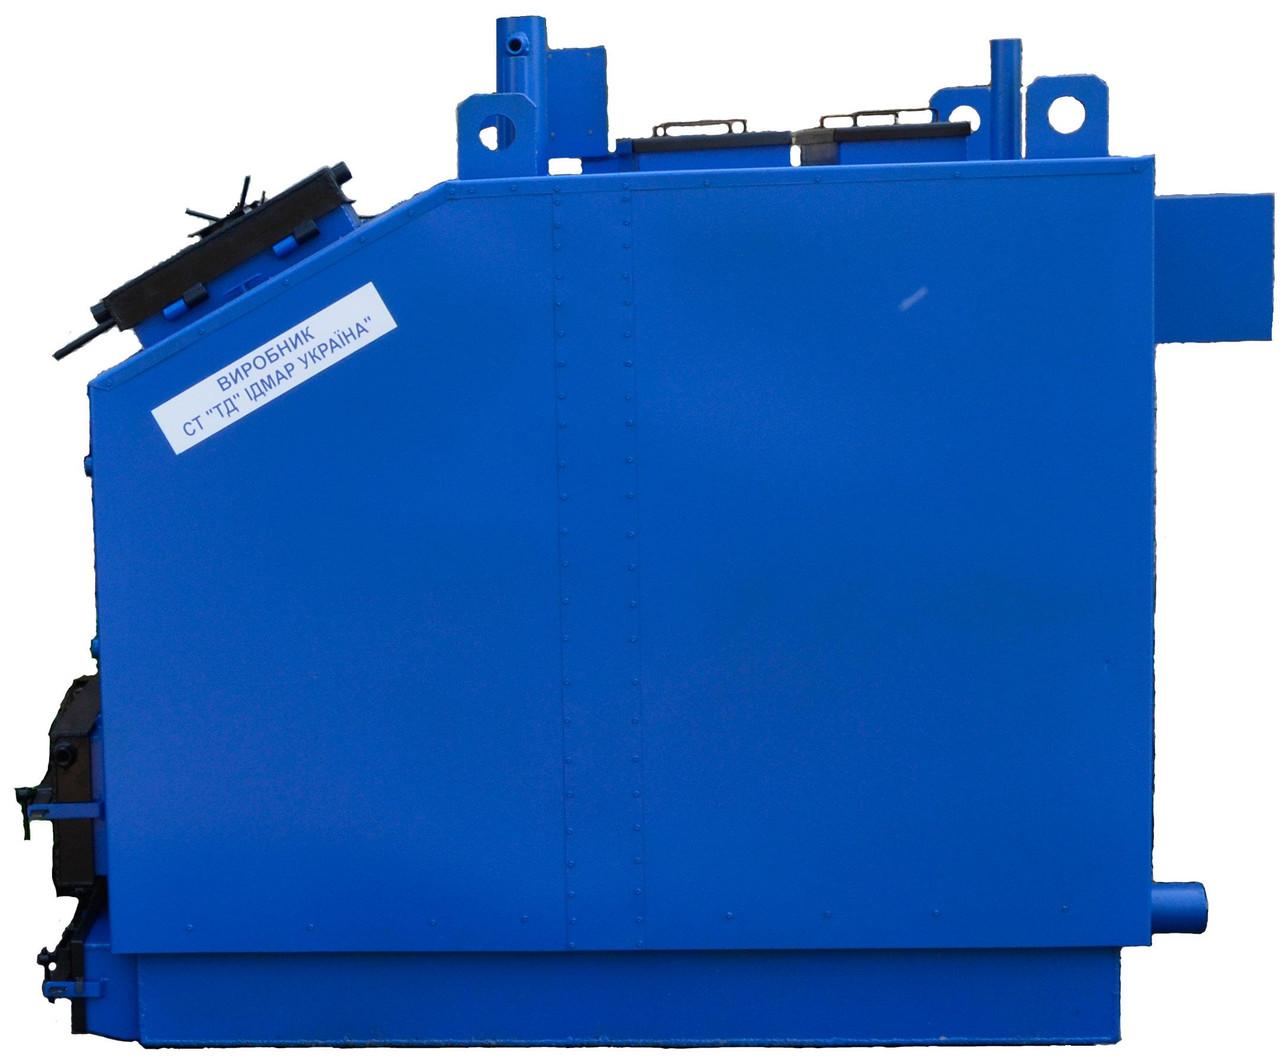 Котел твердотопливный 800 кВт. KW-GSN (c принудительной подачей воздуха и авторегулировкой)